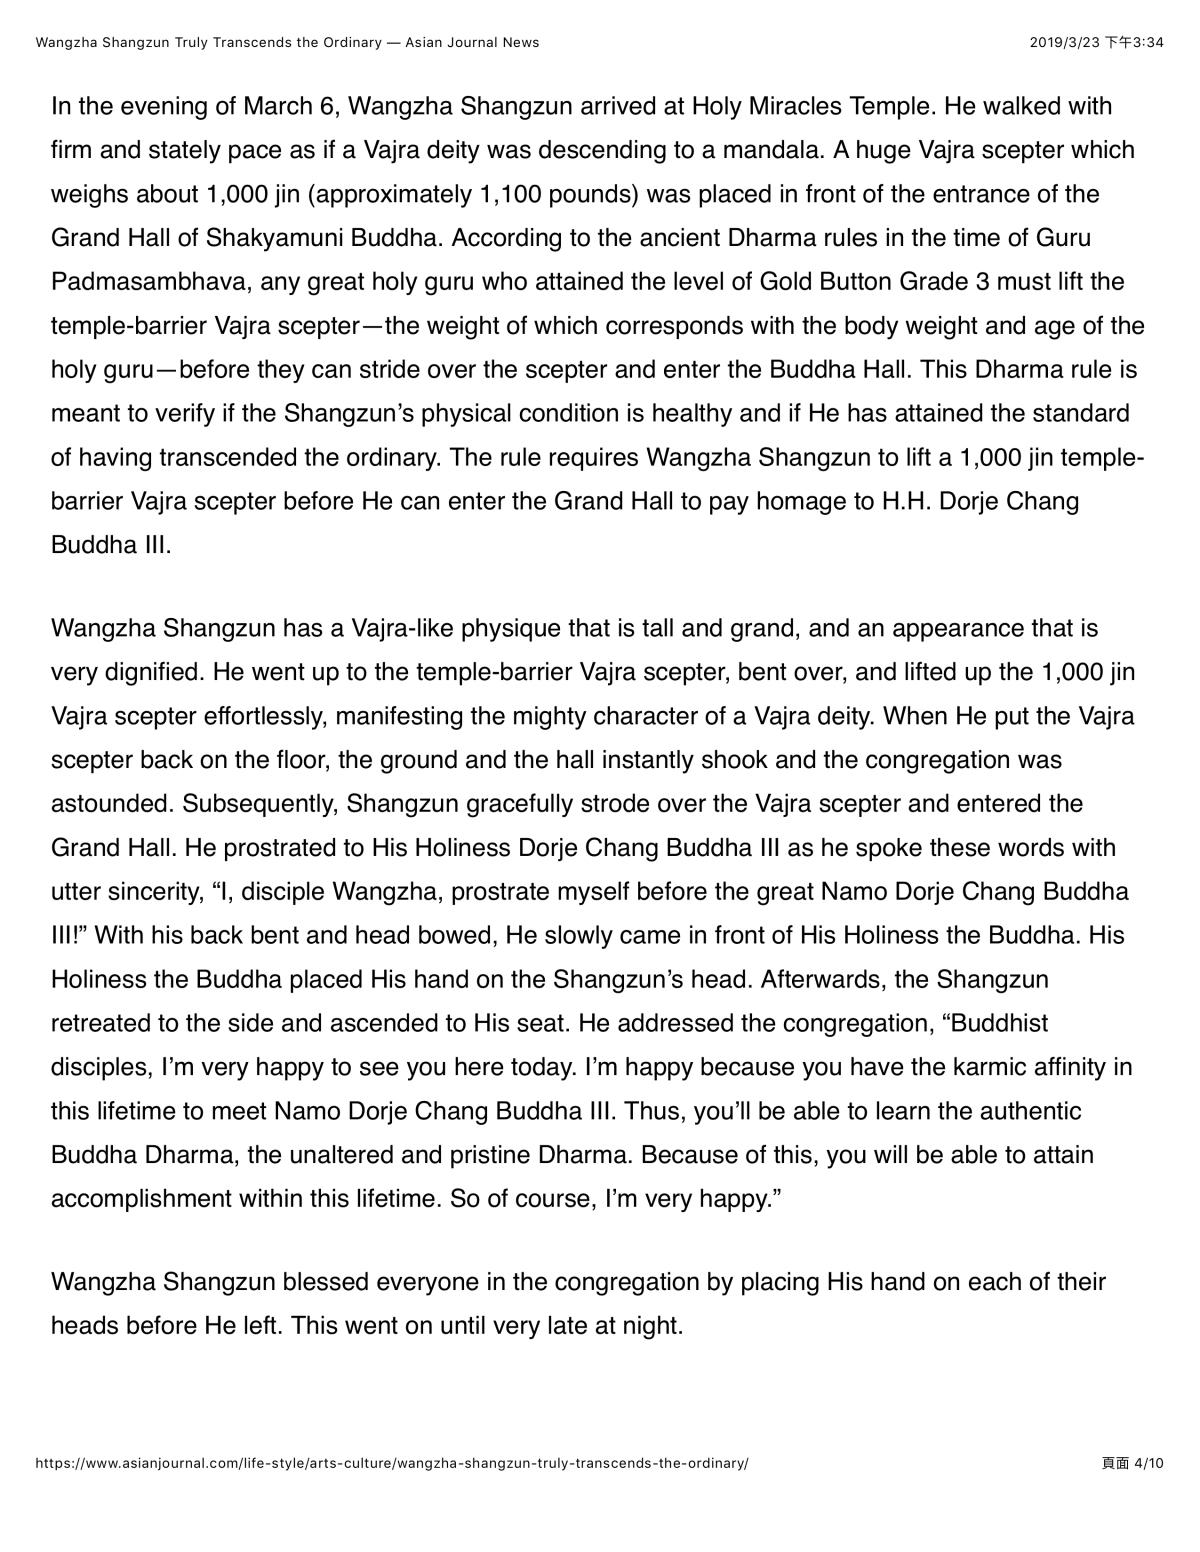 3-Wangzha-Shangzun-Truly-Transcends-the-Ordinary-PDF